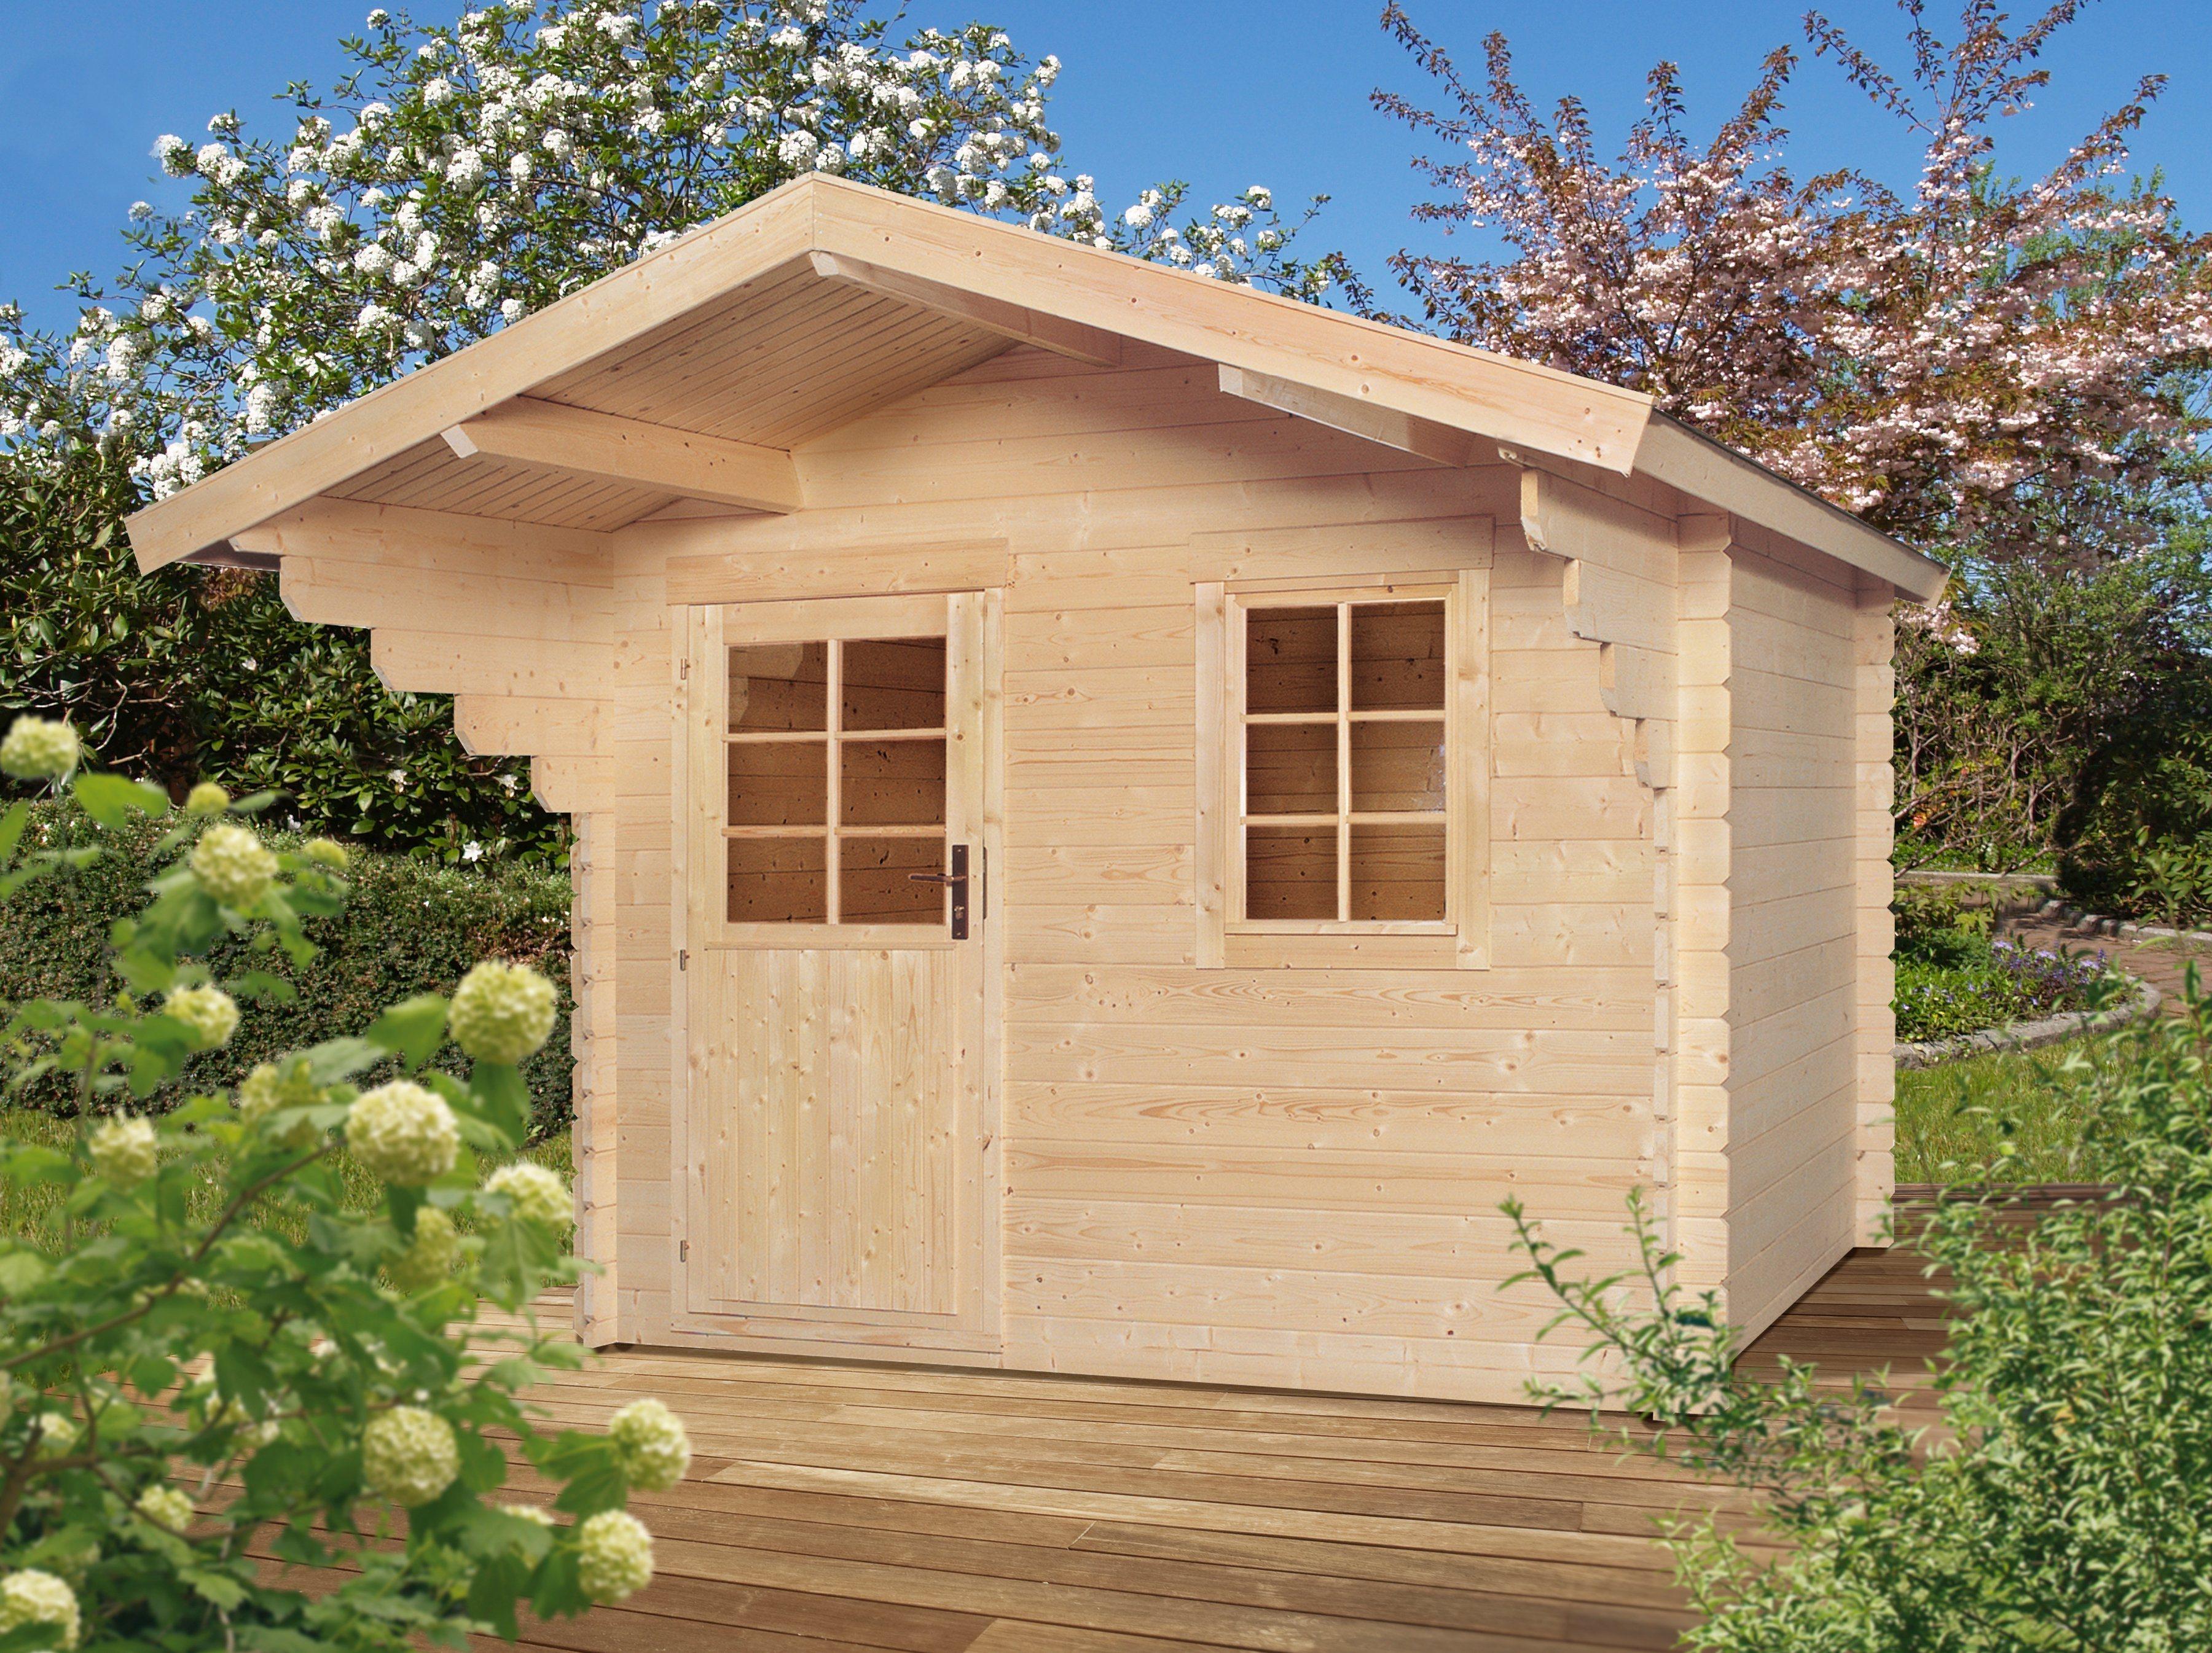 LUOMAN Set: Gartenhaus »L 272«, BxT: 320x250 cm, inkl. Terrasse | Garten > Gartenhäuser | KONIFERA